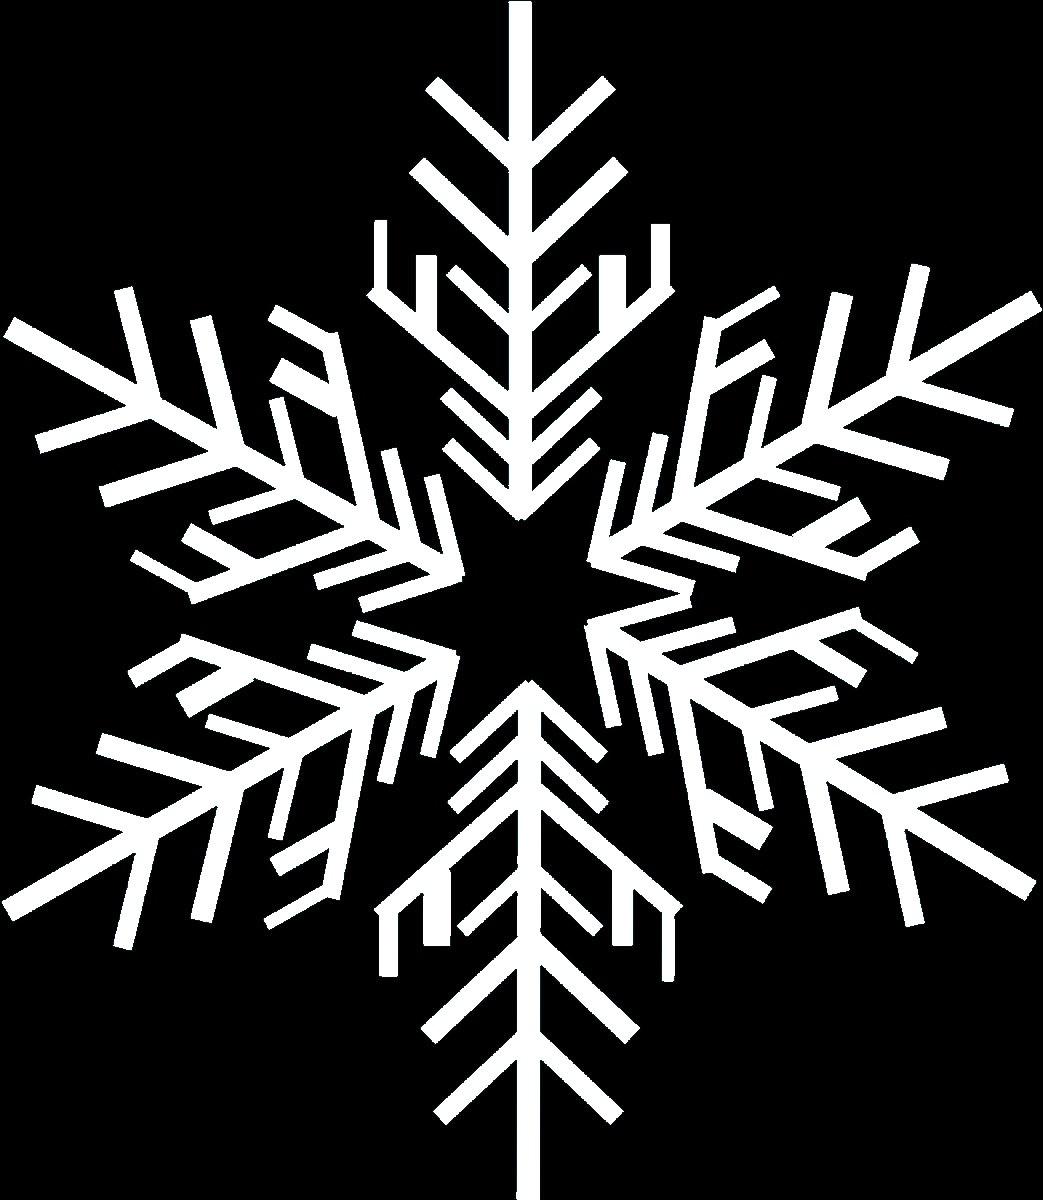 Фото - Наклейка ОранжевыйСлоник виниловая Снежинка2 для авто или интерьера, Винил авто